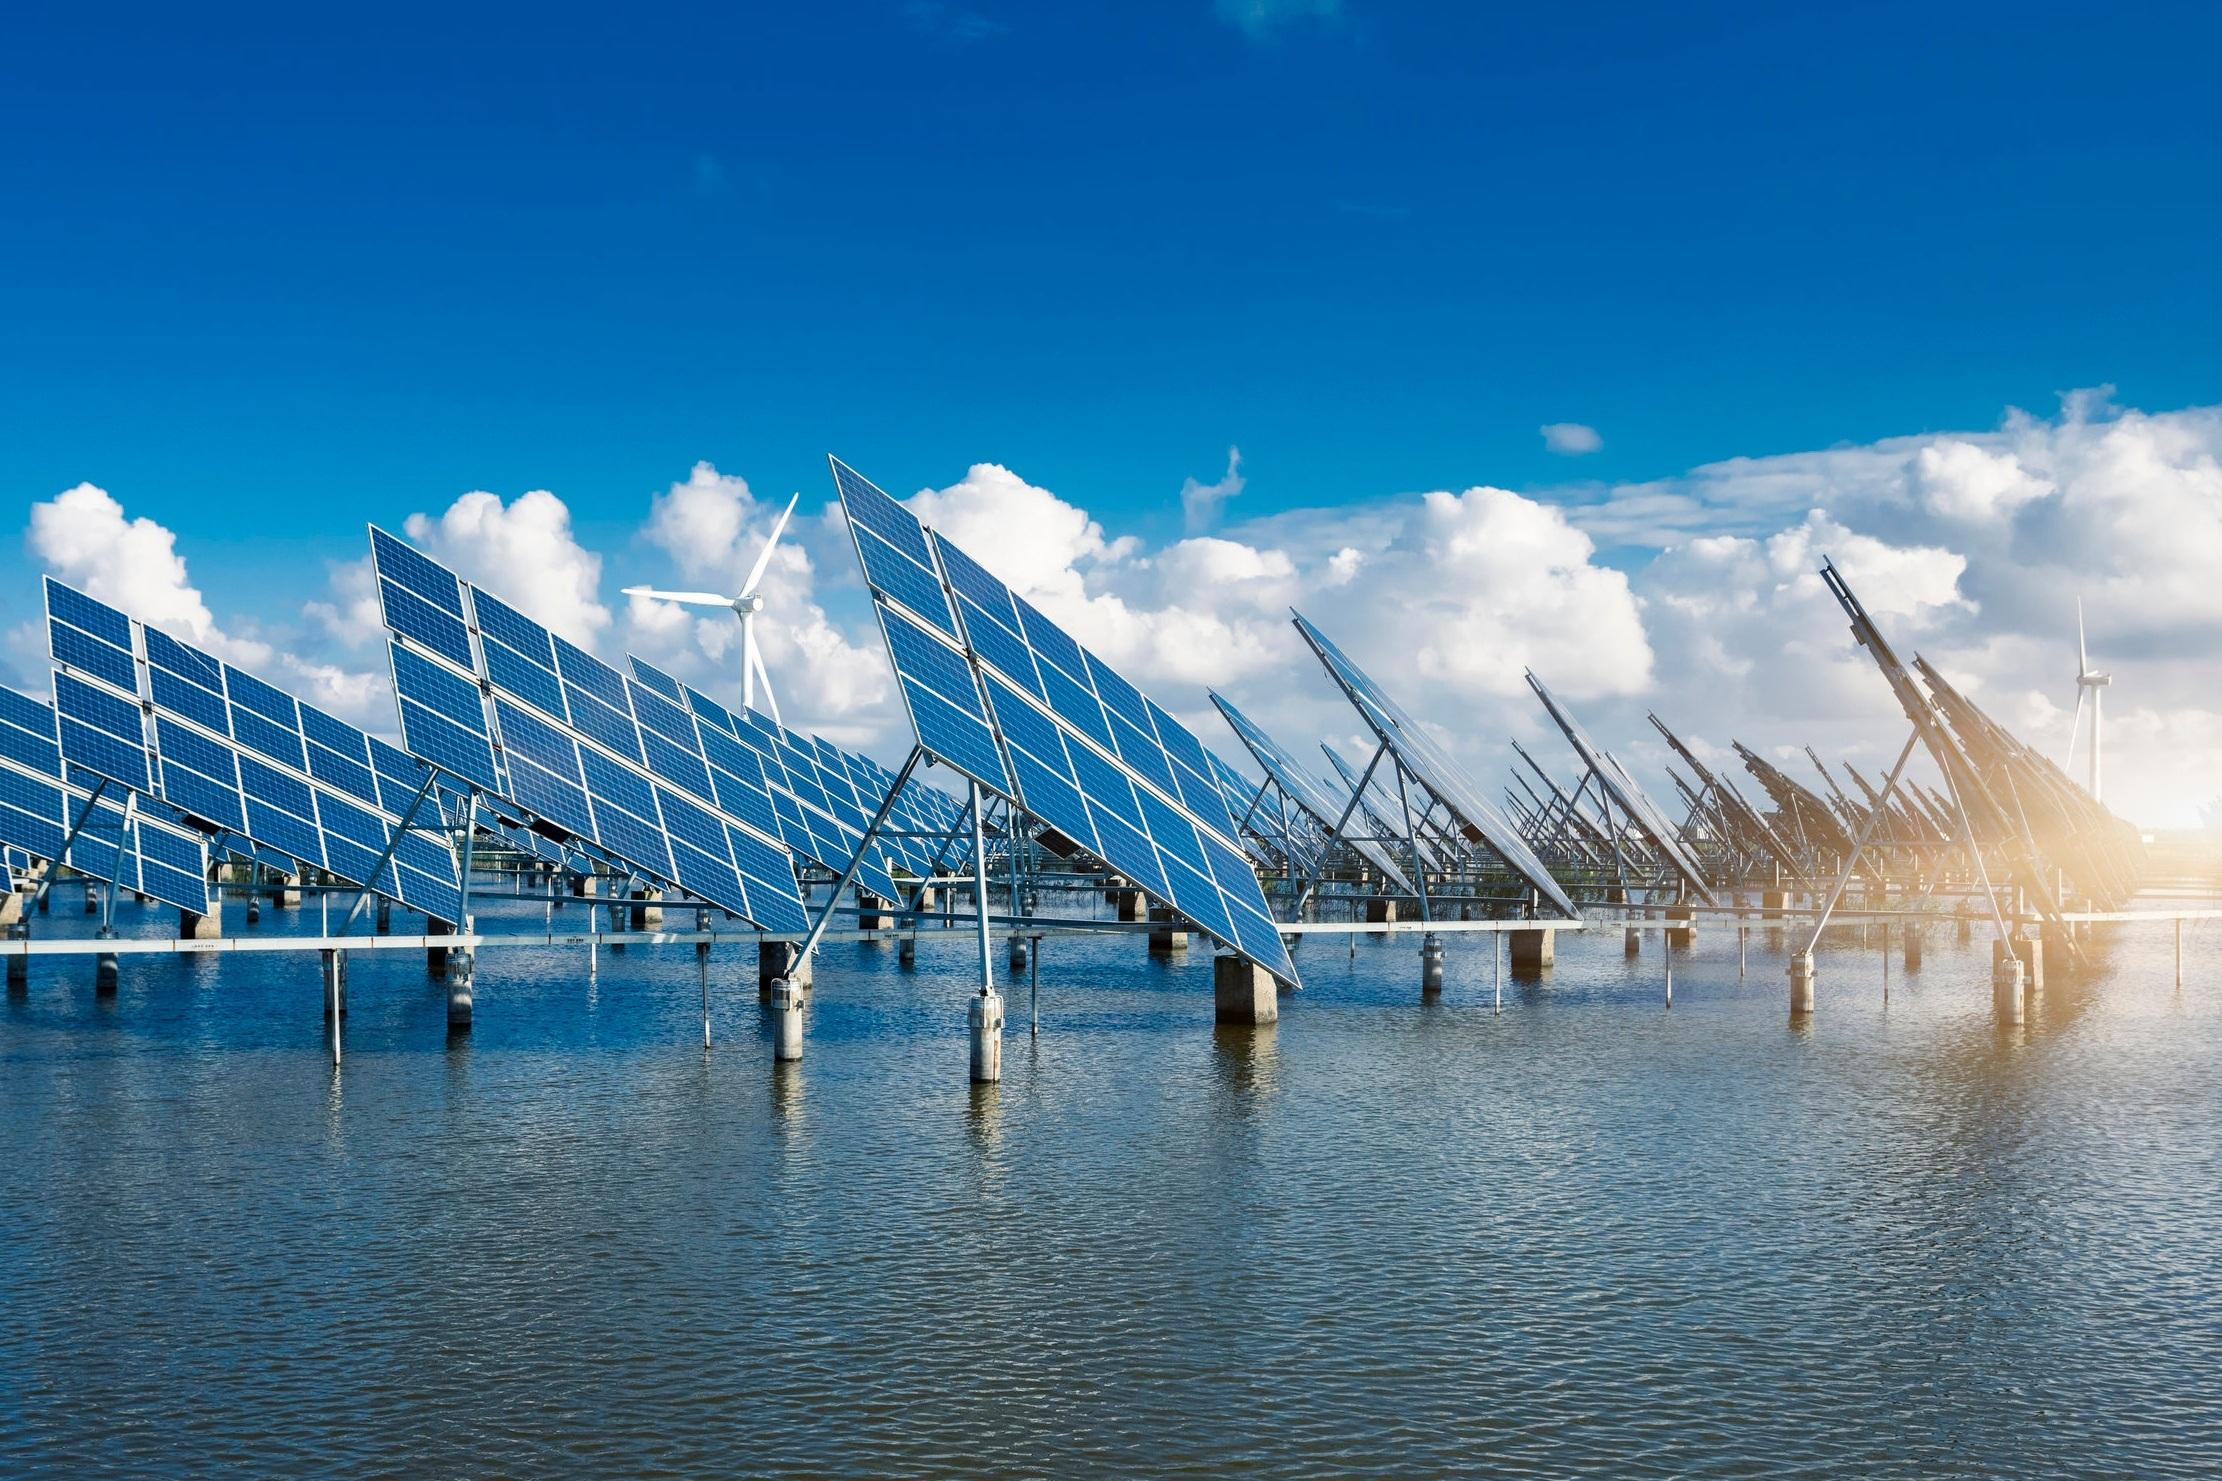 Solar farm and Wind turbines create clean energy